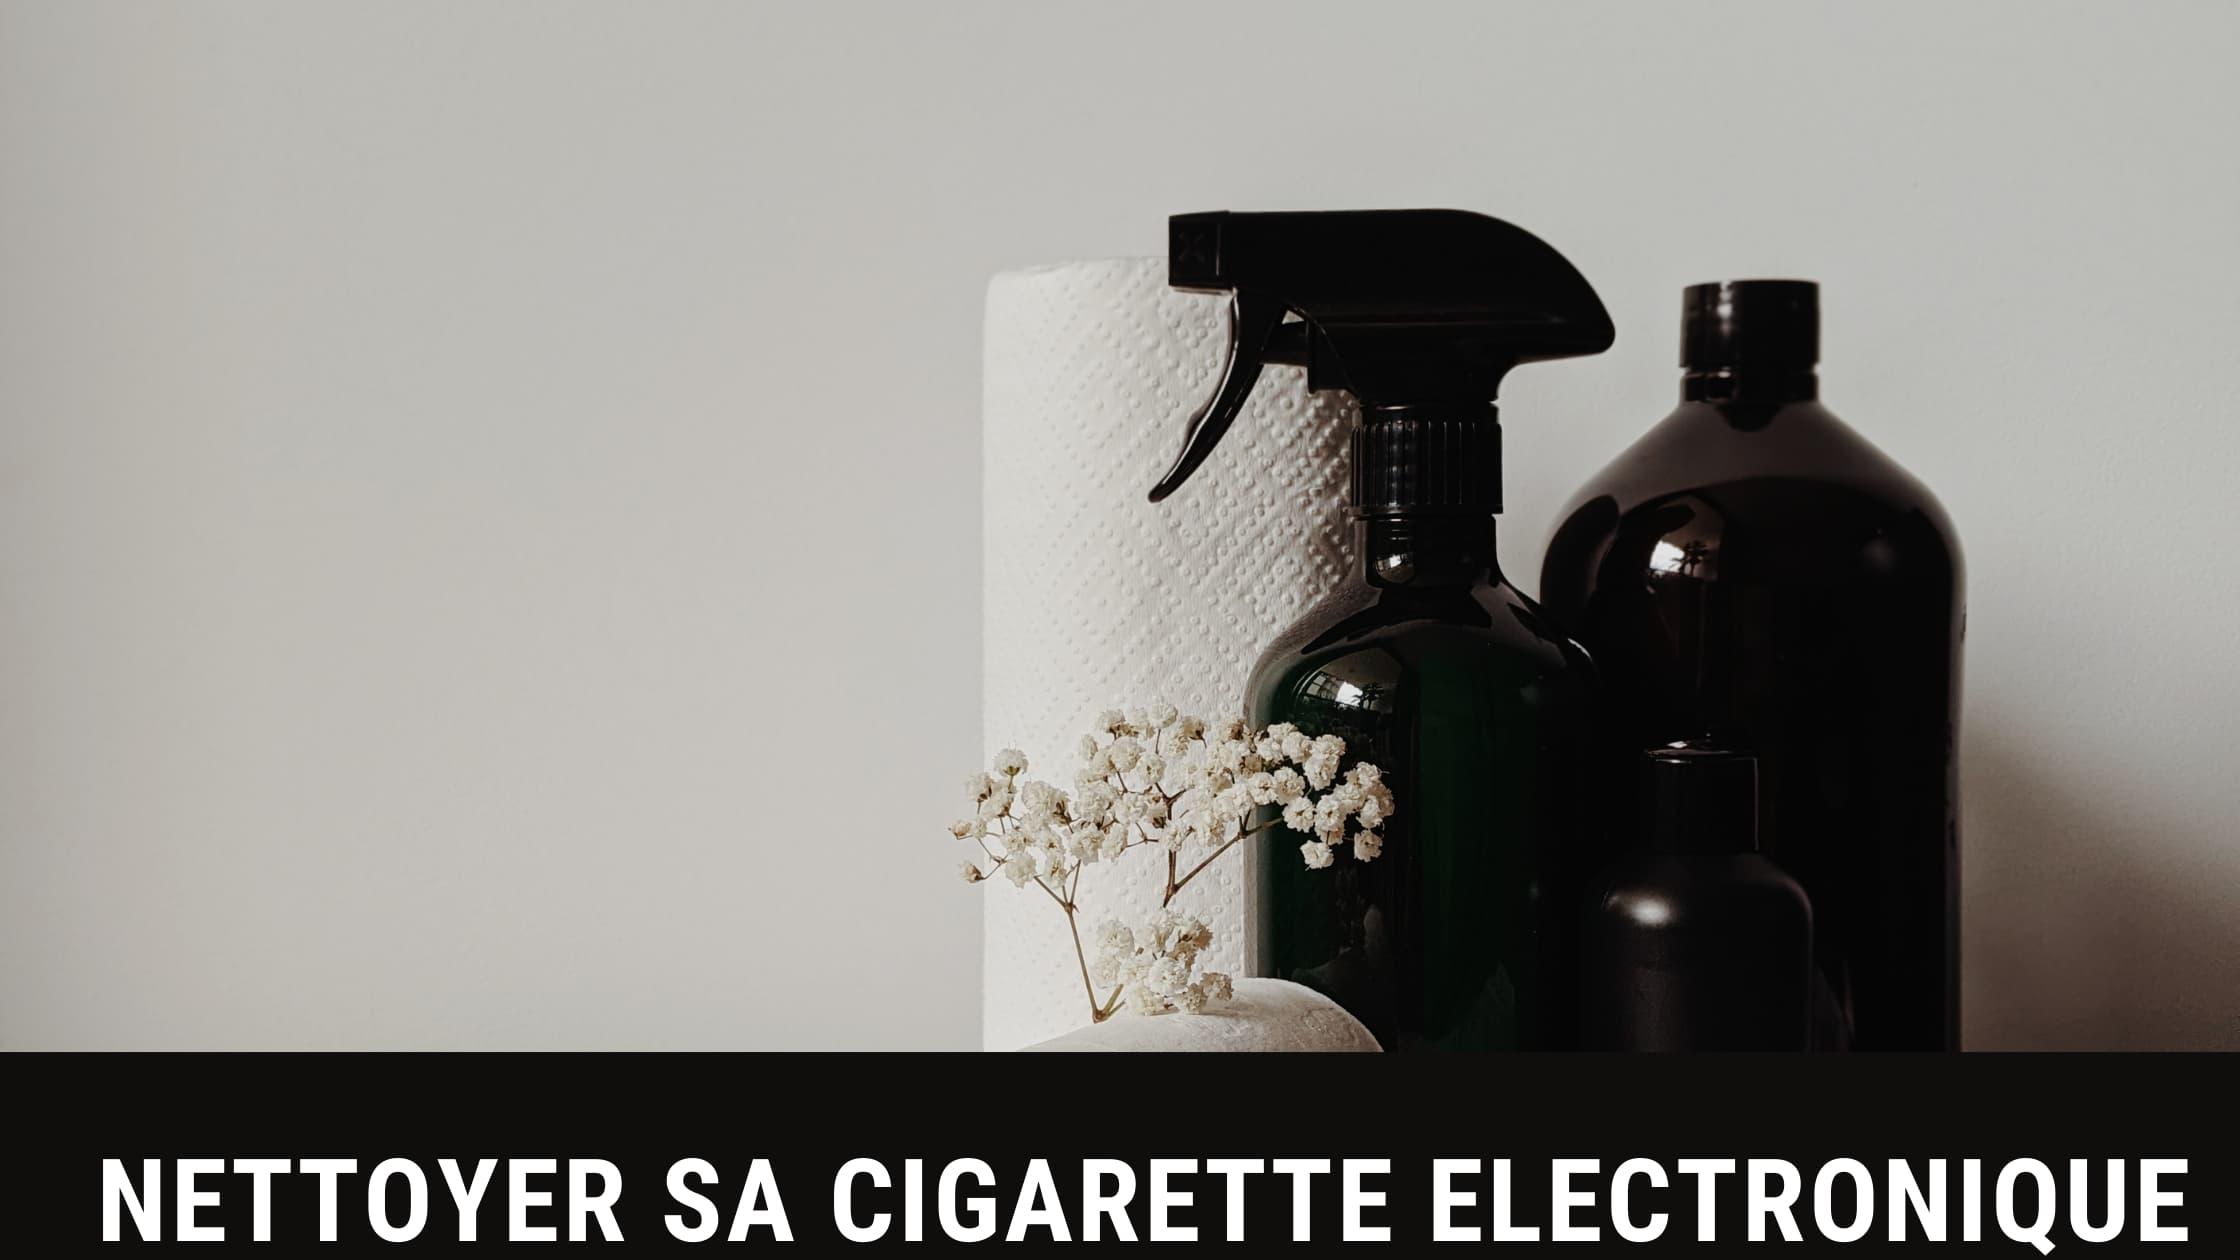 nettoyer cigarette electronique